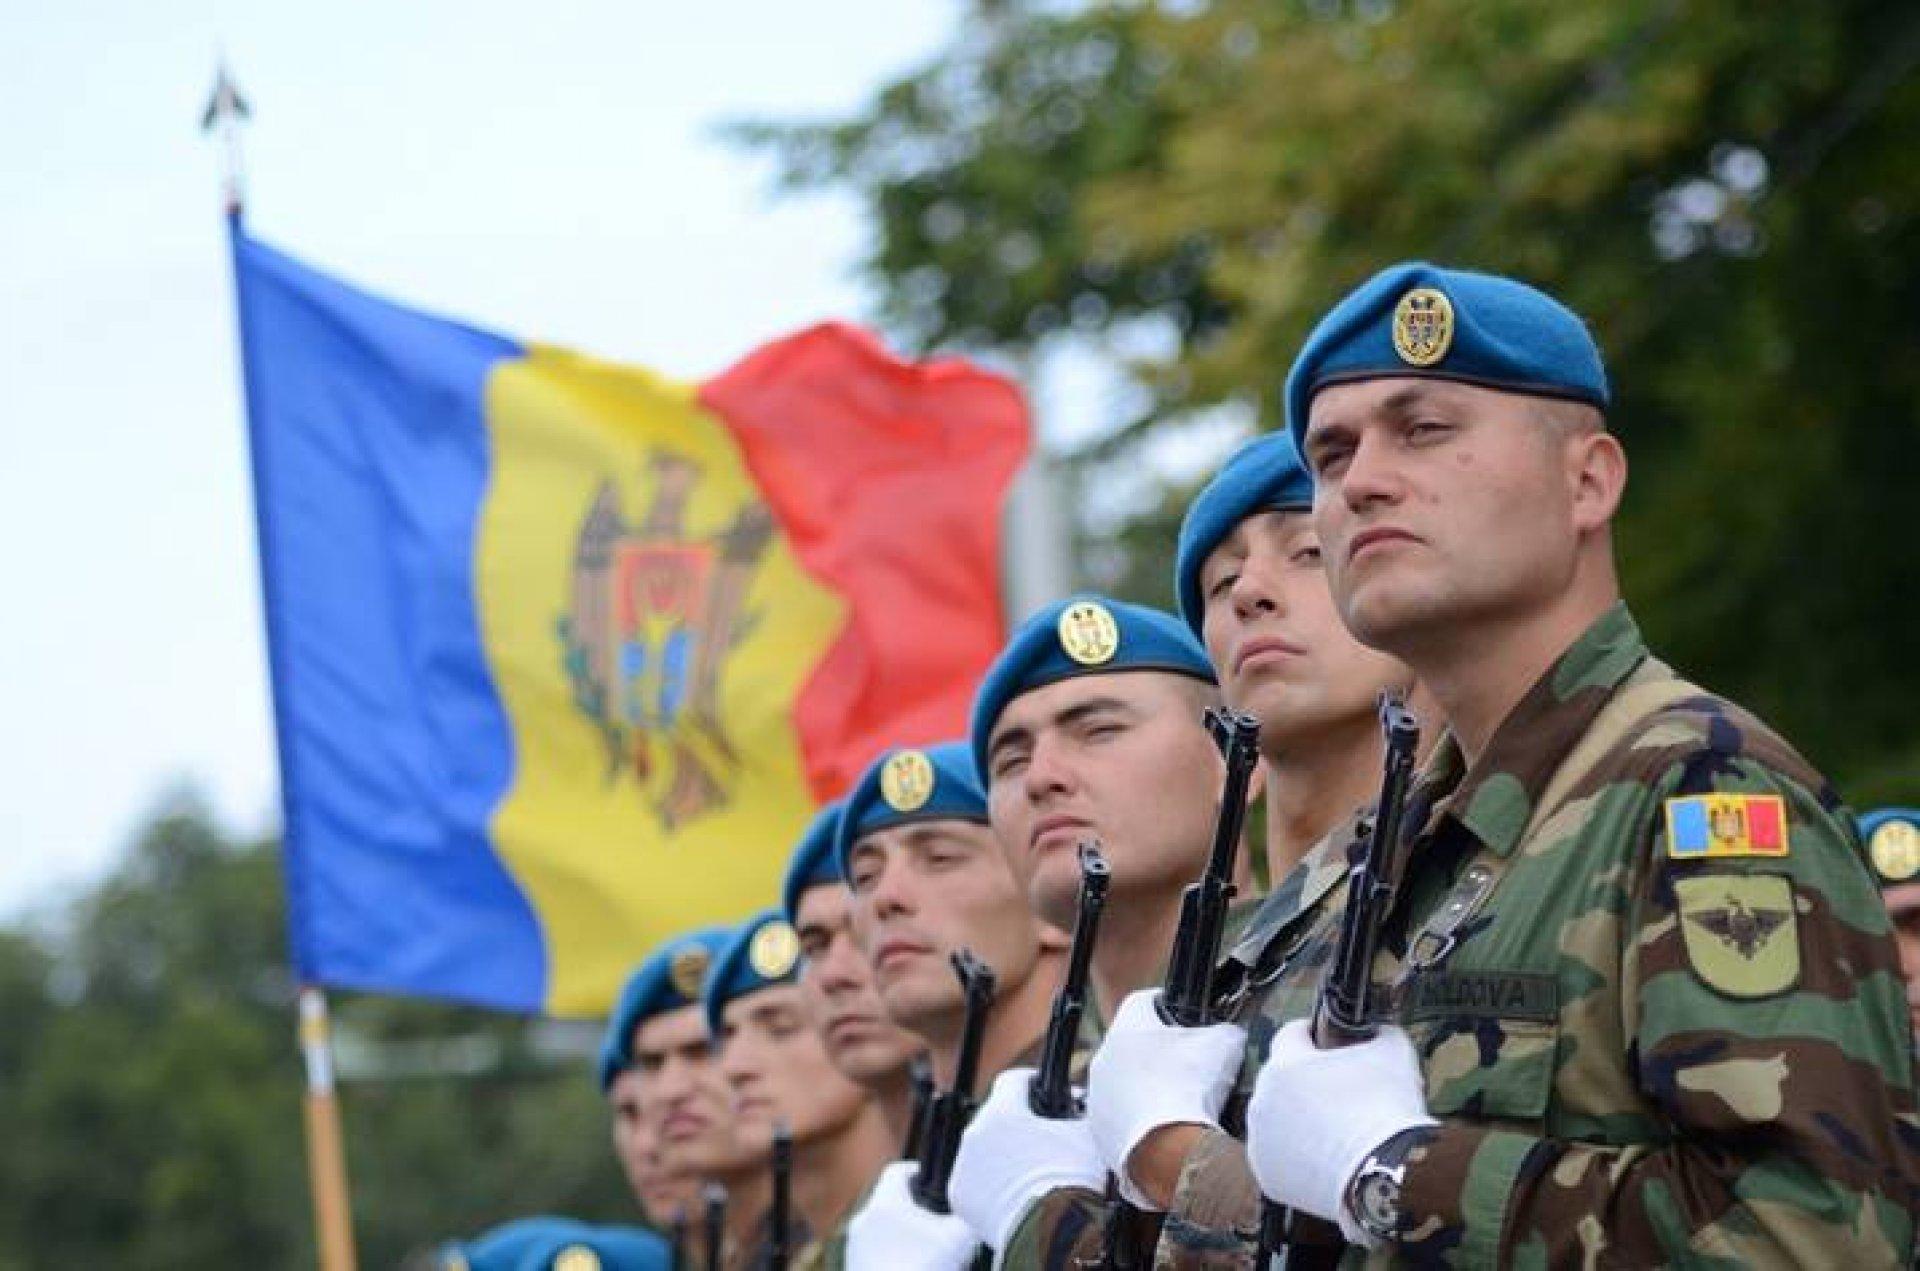 Virgil Botnaru // К'аша-й армата (This is Army, baby) …